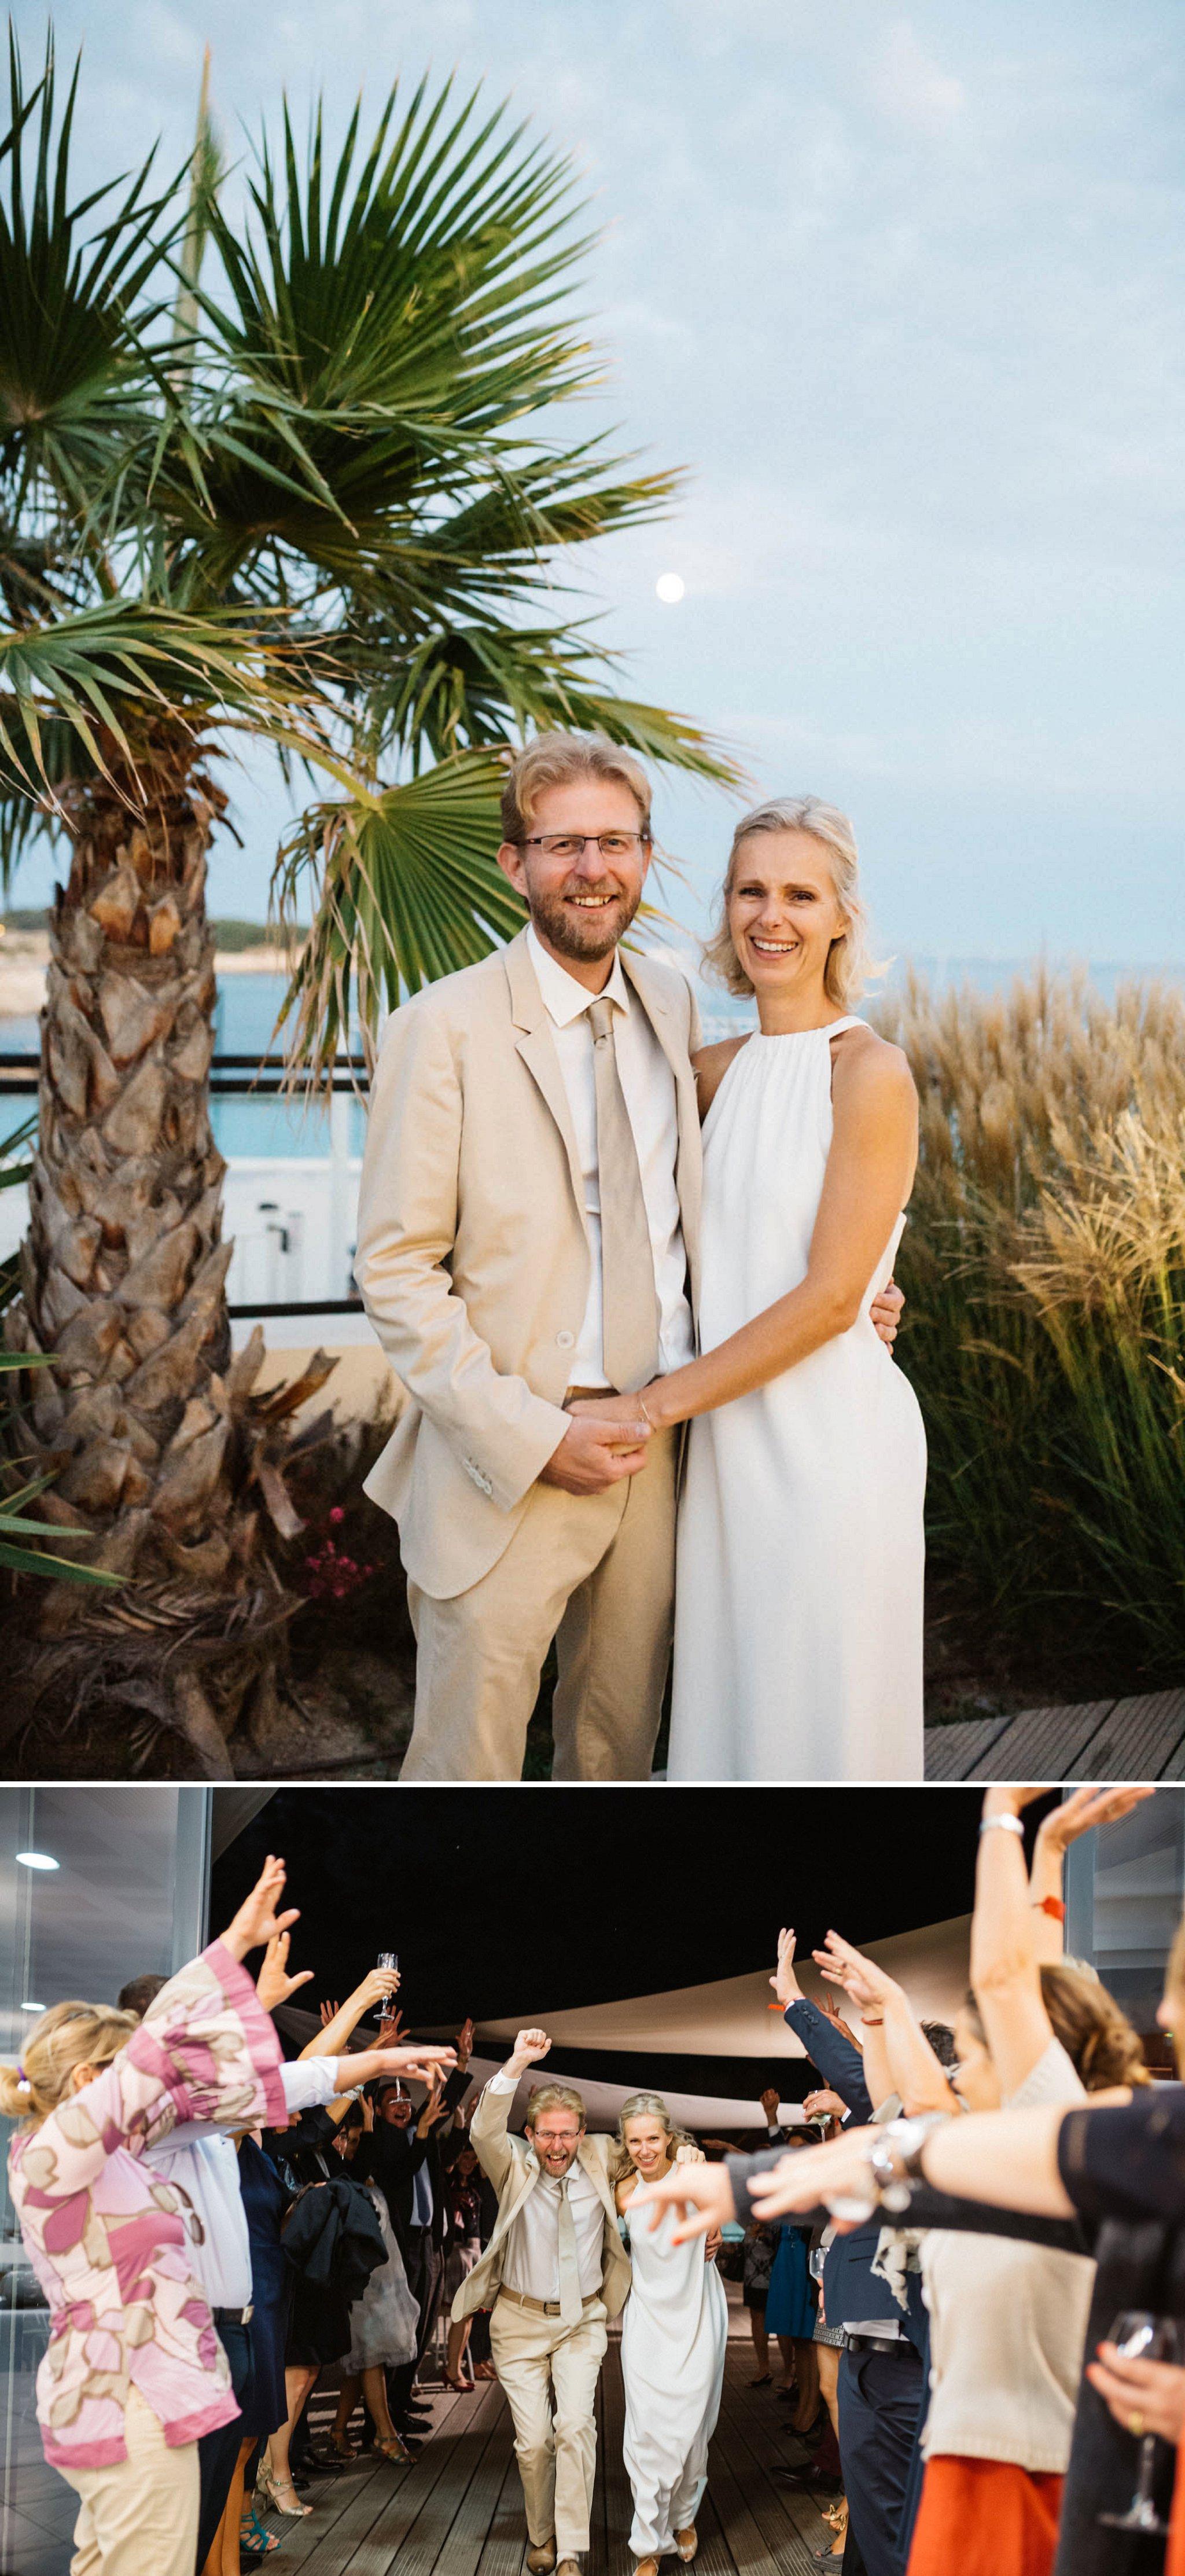 mariage-amis-provence-mediterranee-plage-convivial (17)